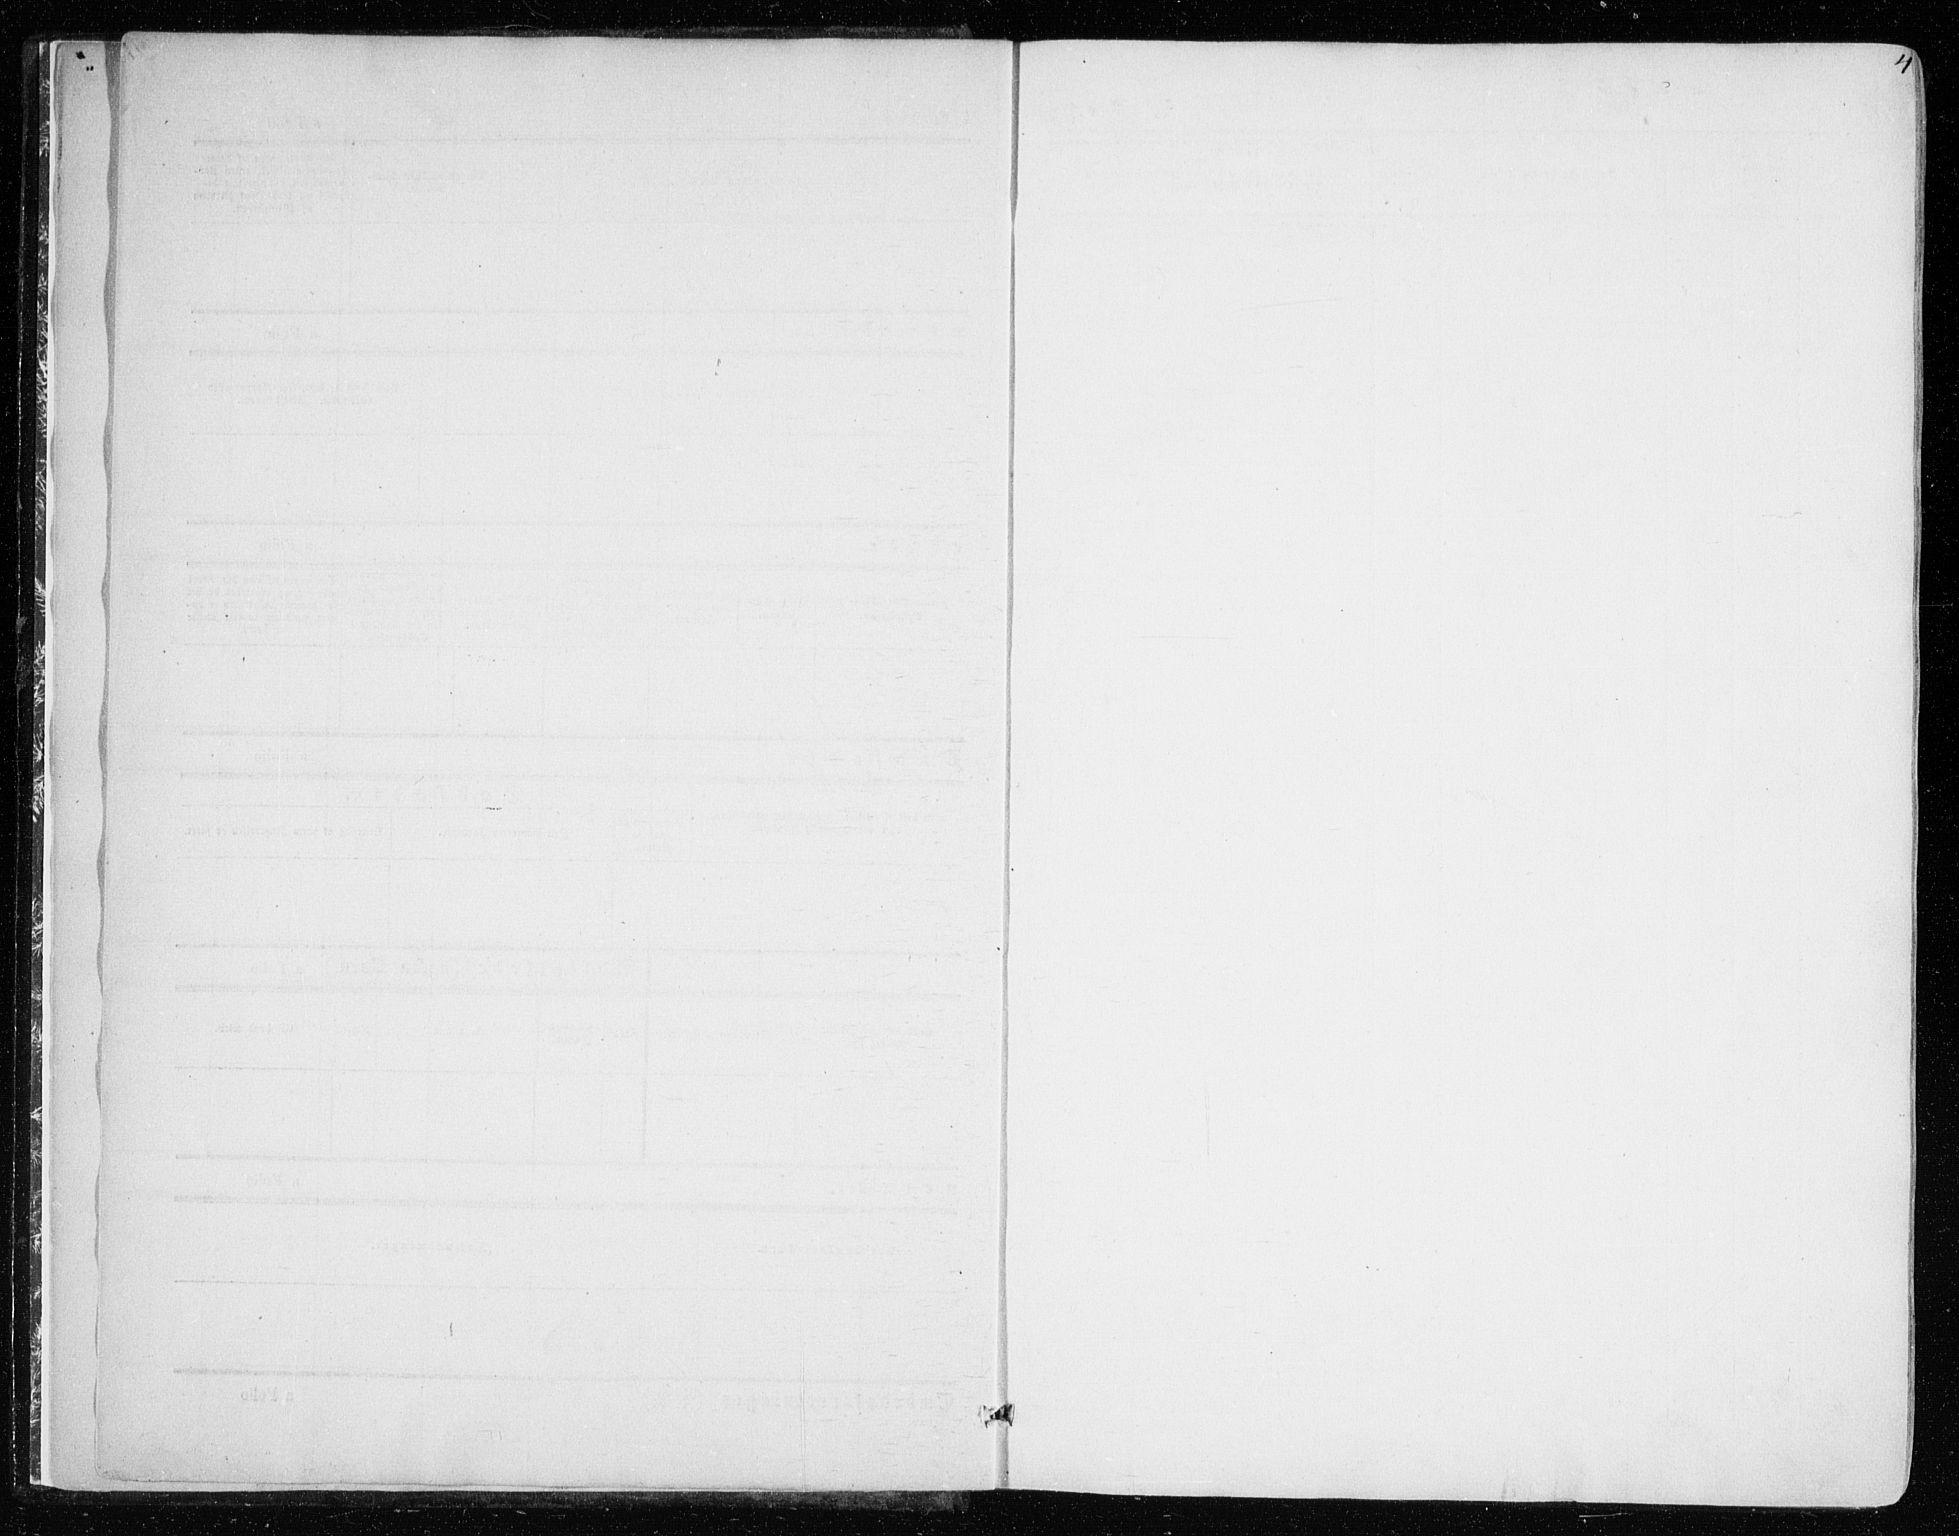 SATØ, Balsfjord sokneprestembete, Ministerialbok nr. 1, 1858-1870, s. 4